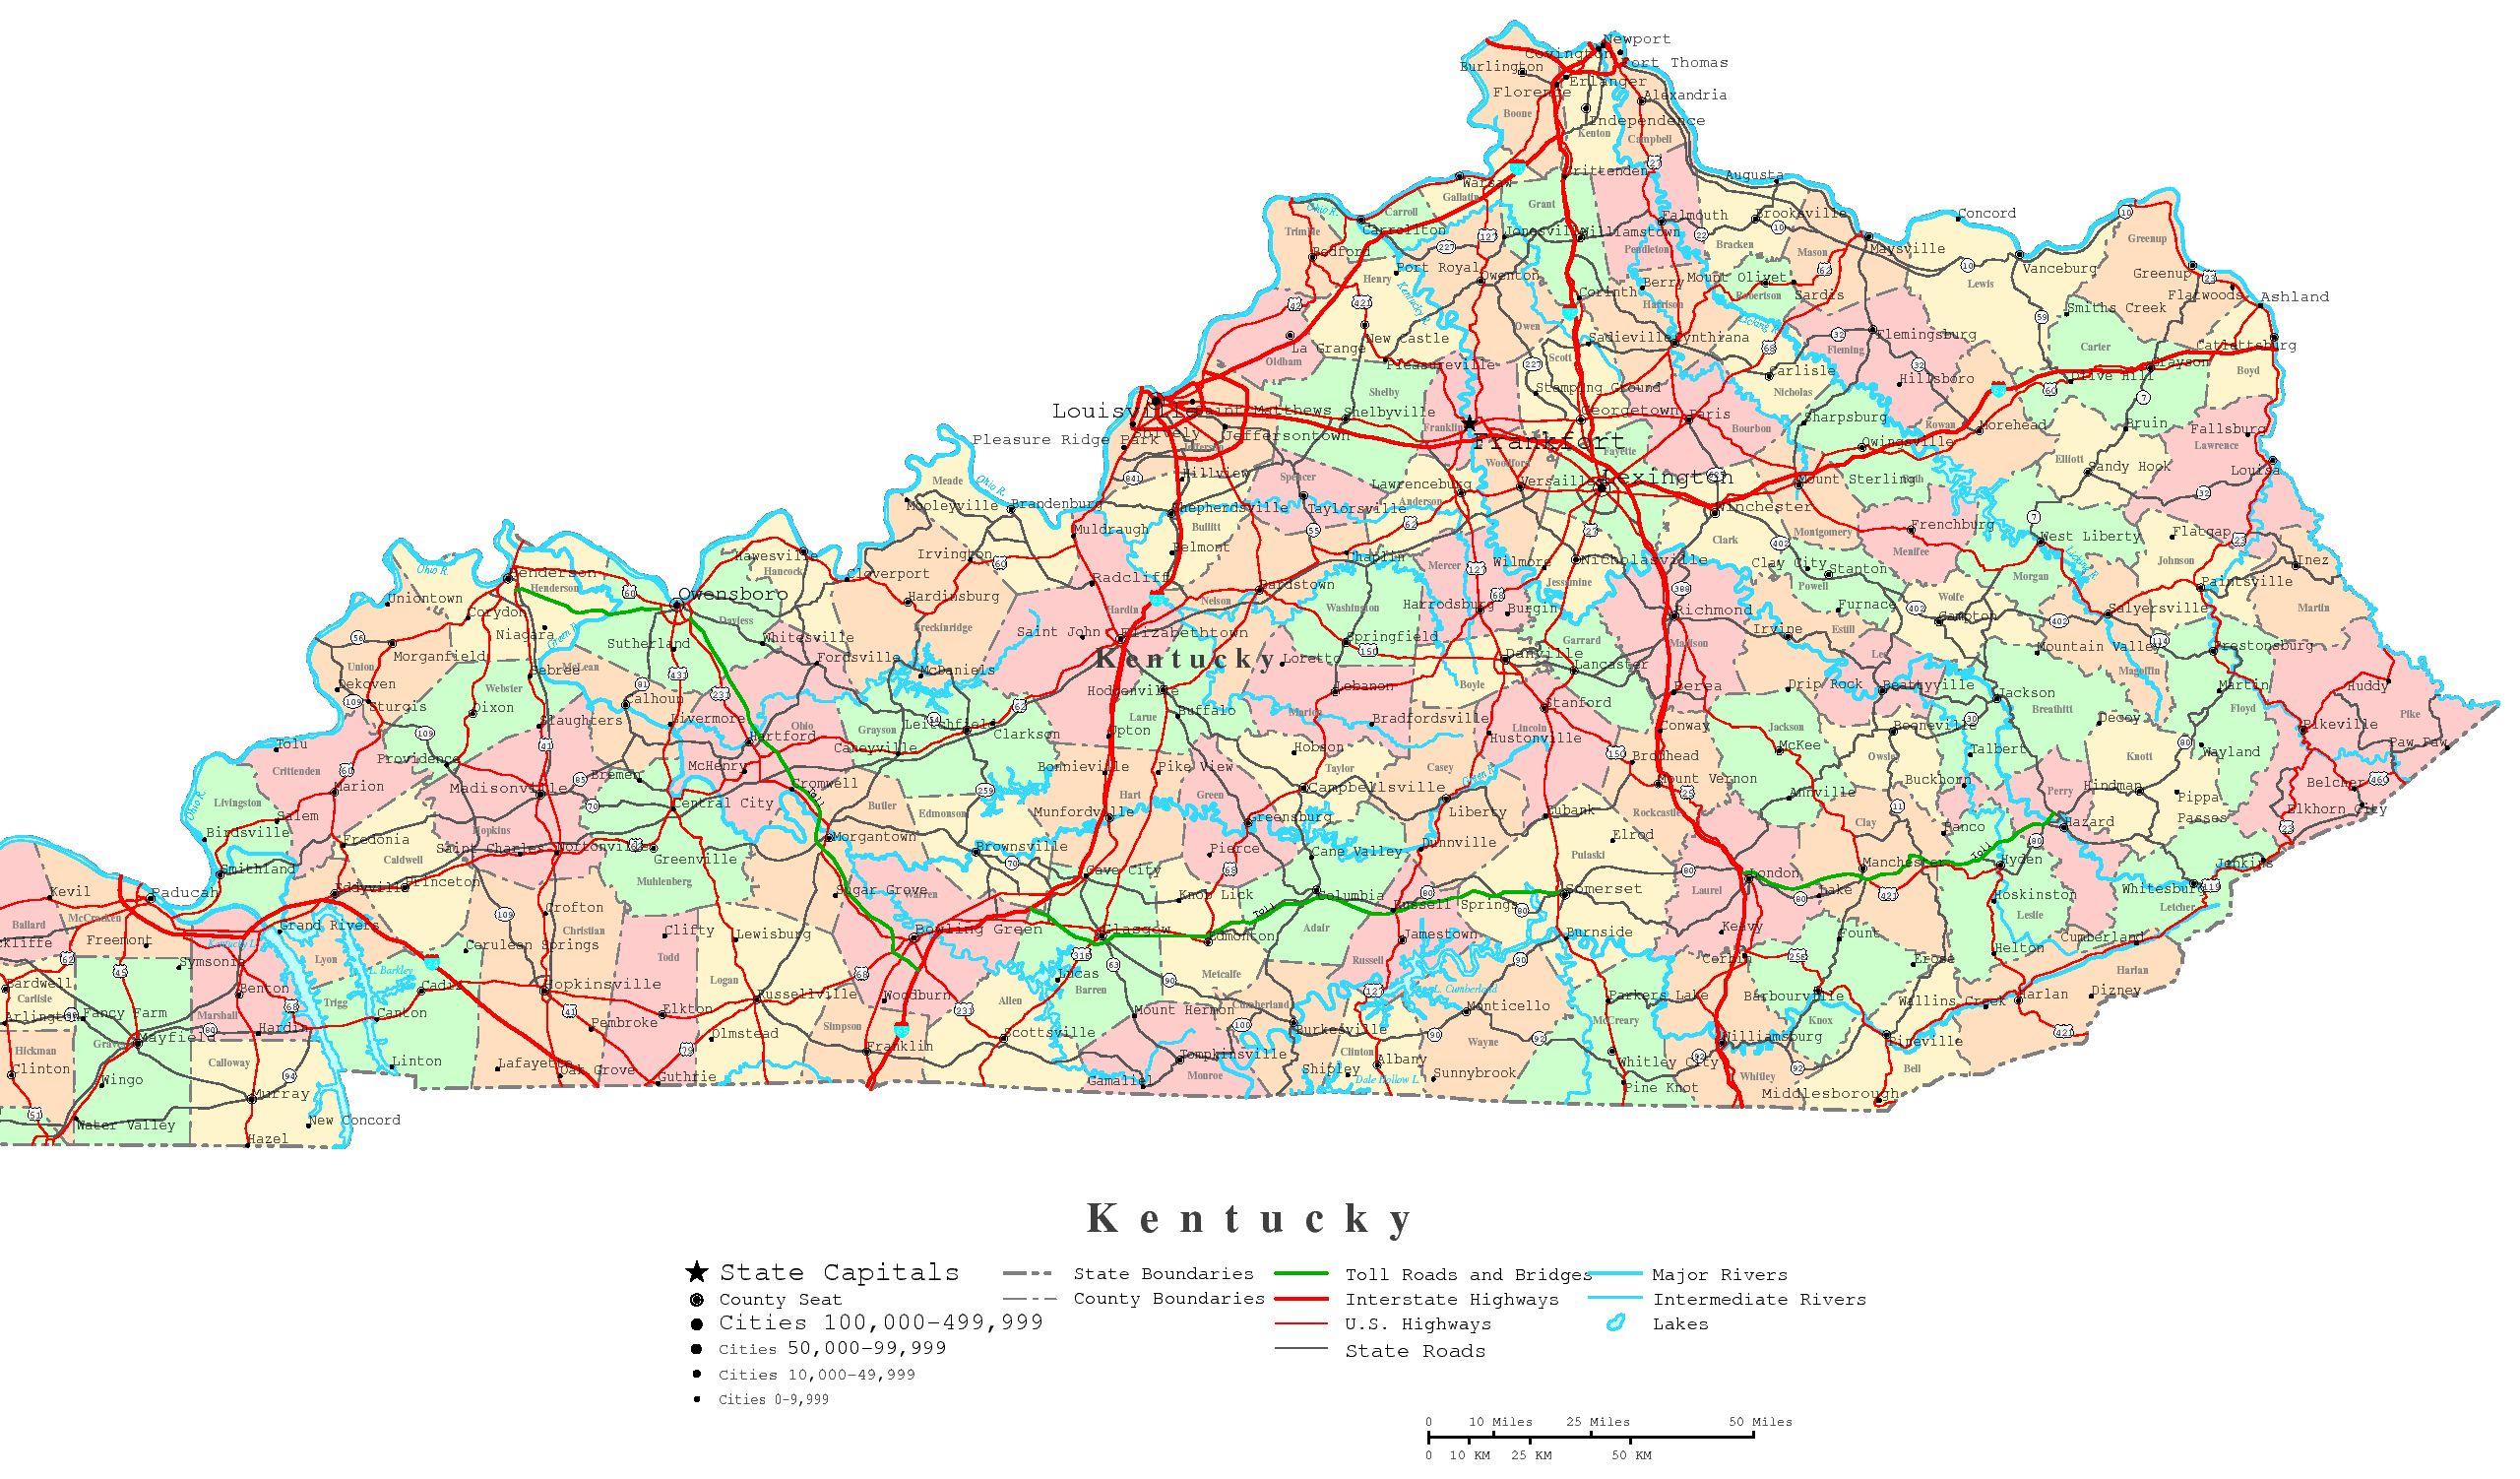 Printable Map Ky - 13.4.ybonlineacess.de • - Printable Maps By Waterproofpaper Com